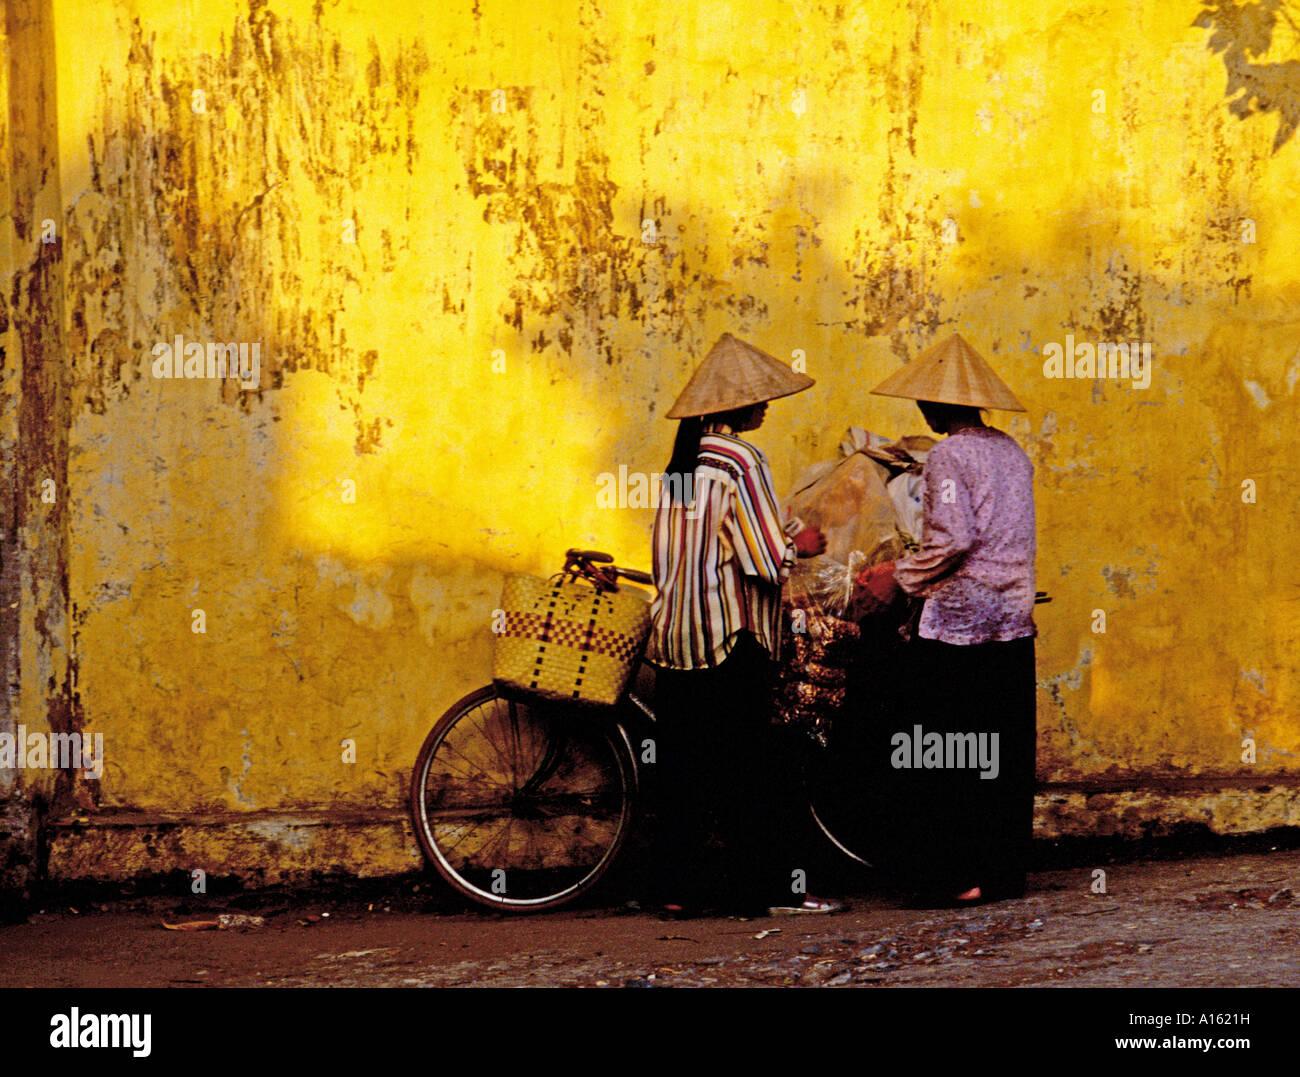 Zwei Frauen mit konischen Hüte und Fahrräder-Hanoi-Vietnam. Stockfoto